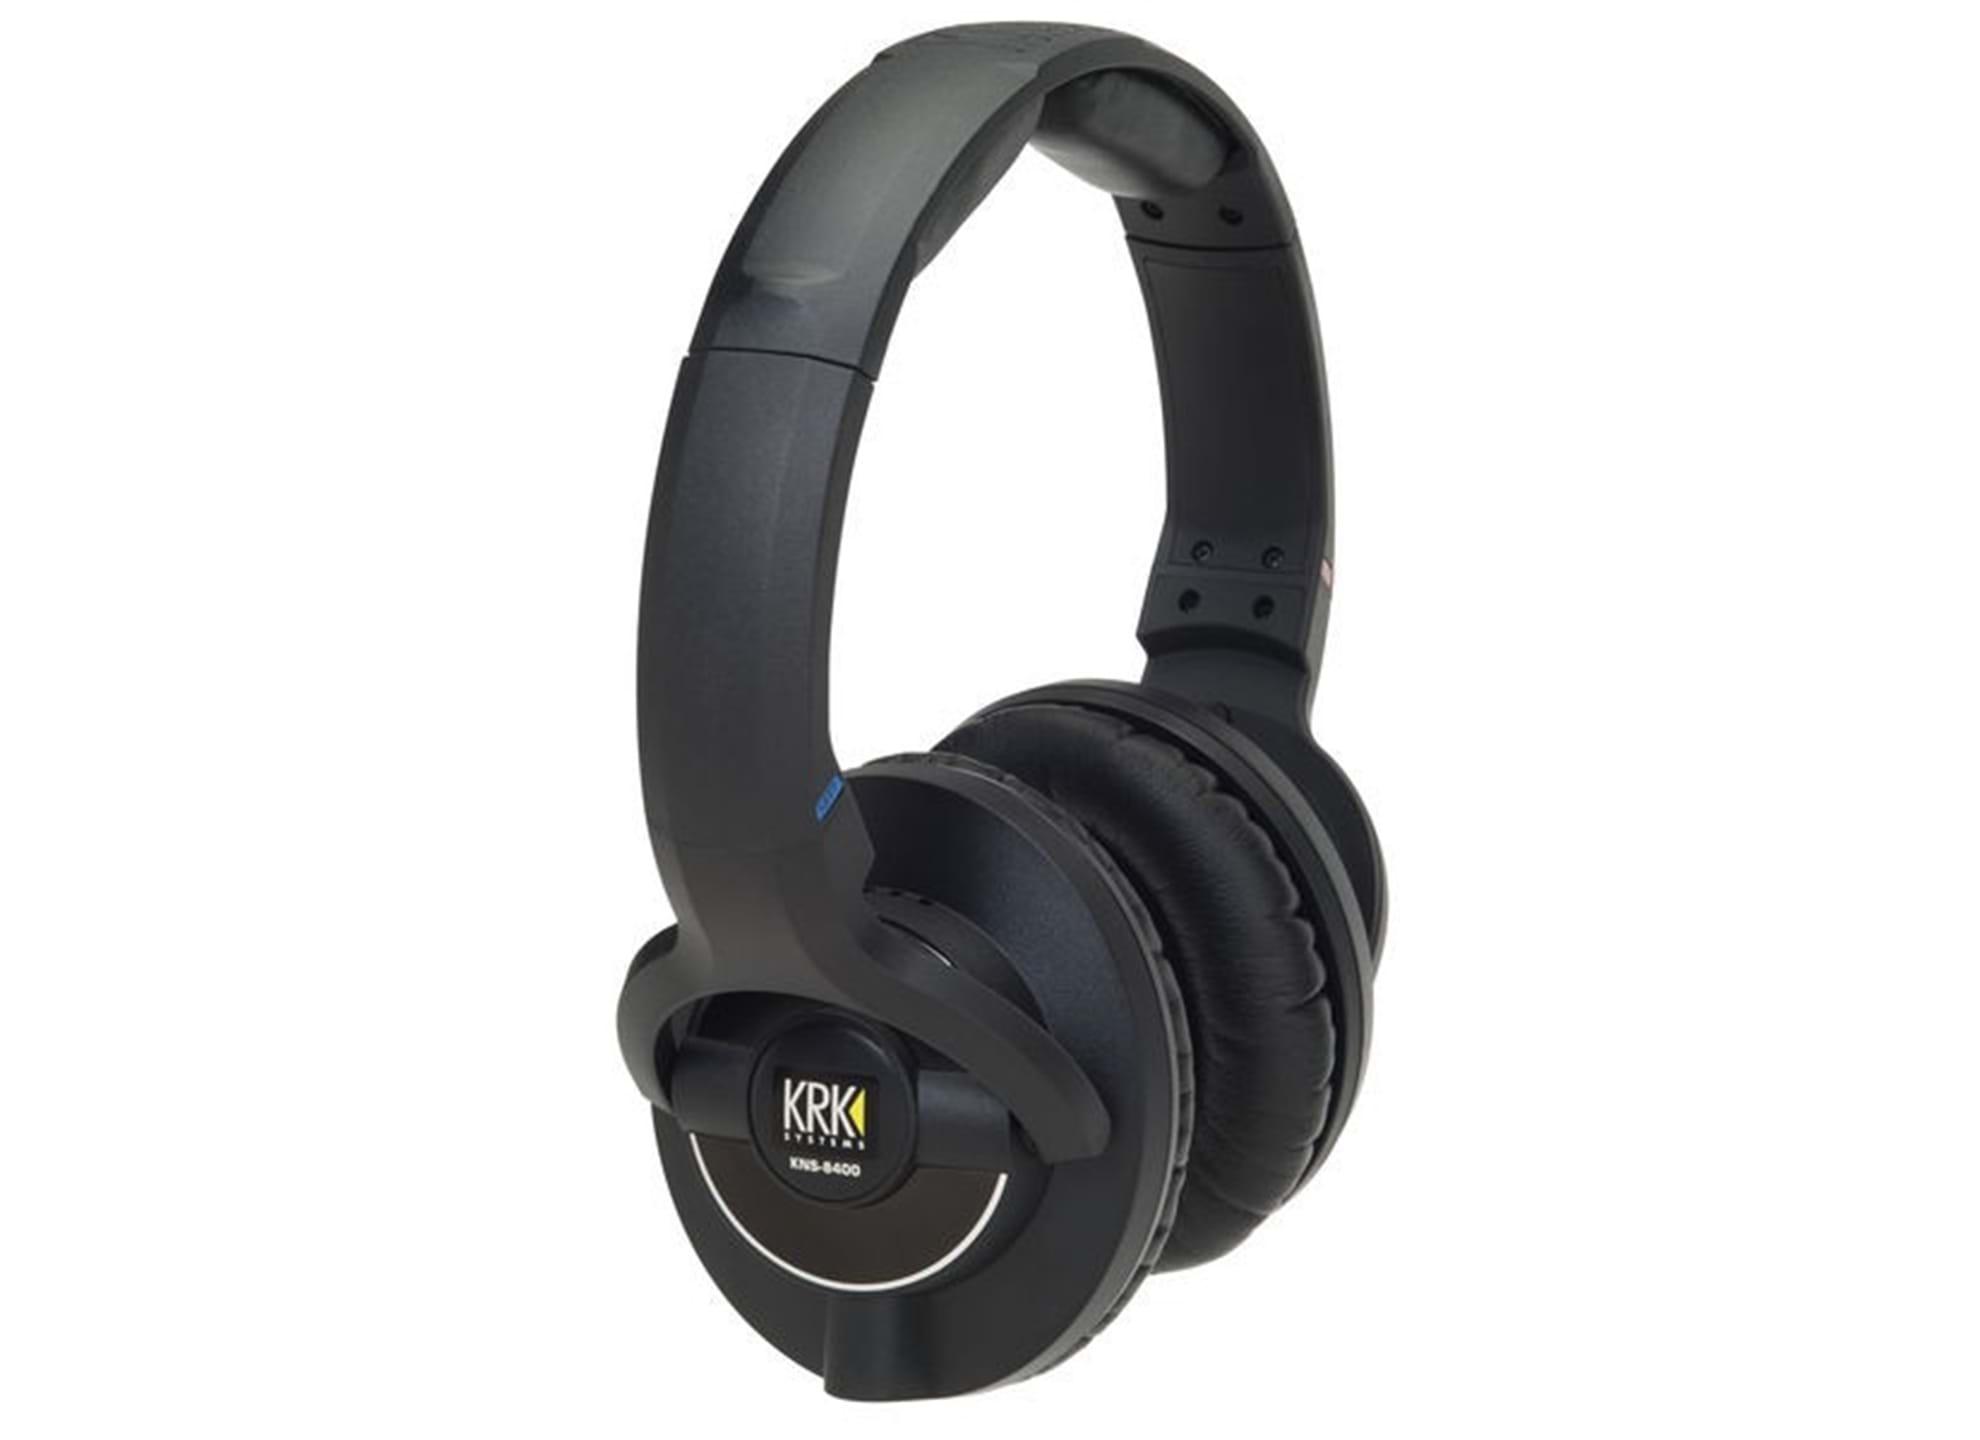 KNS-8400